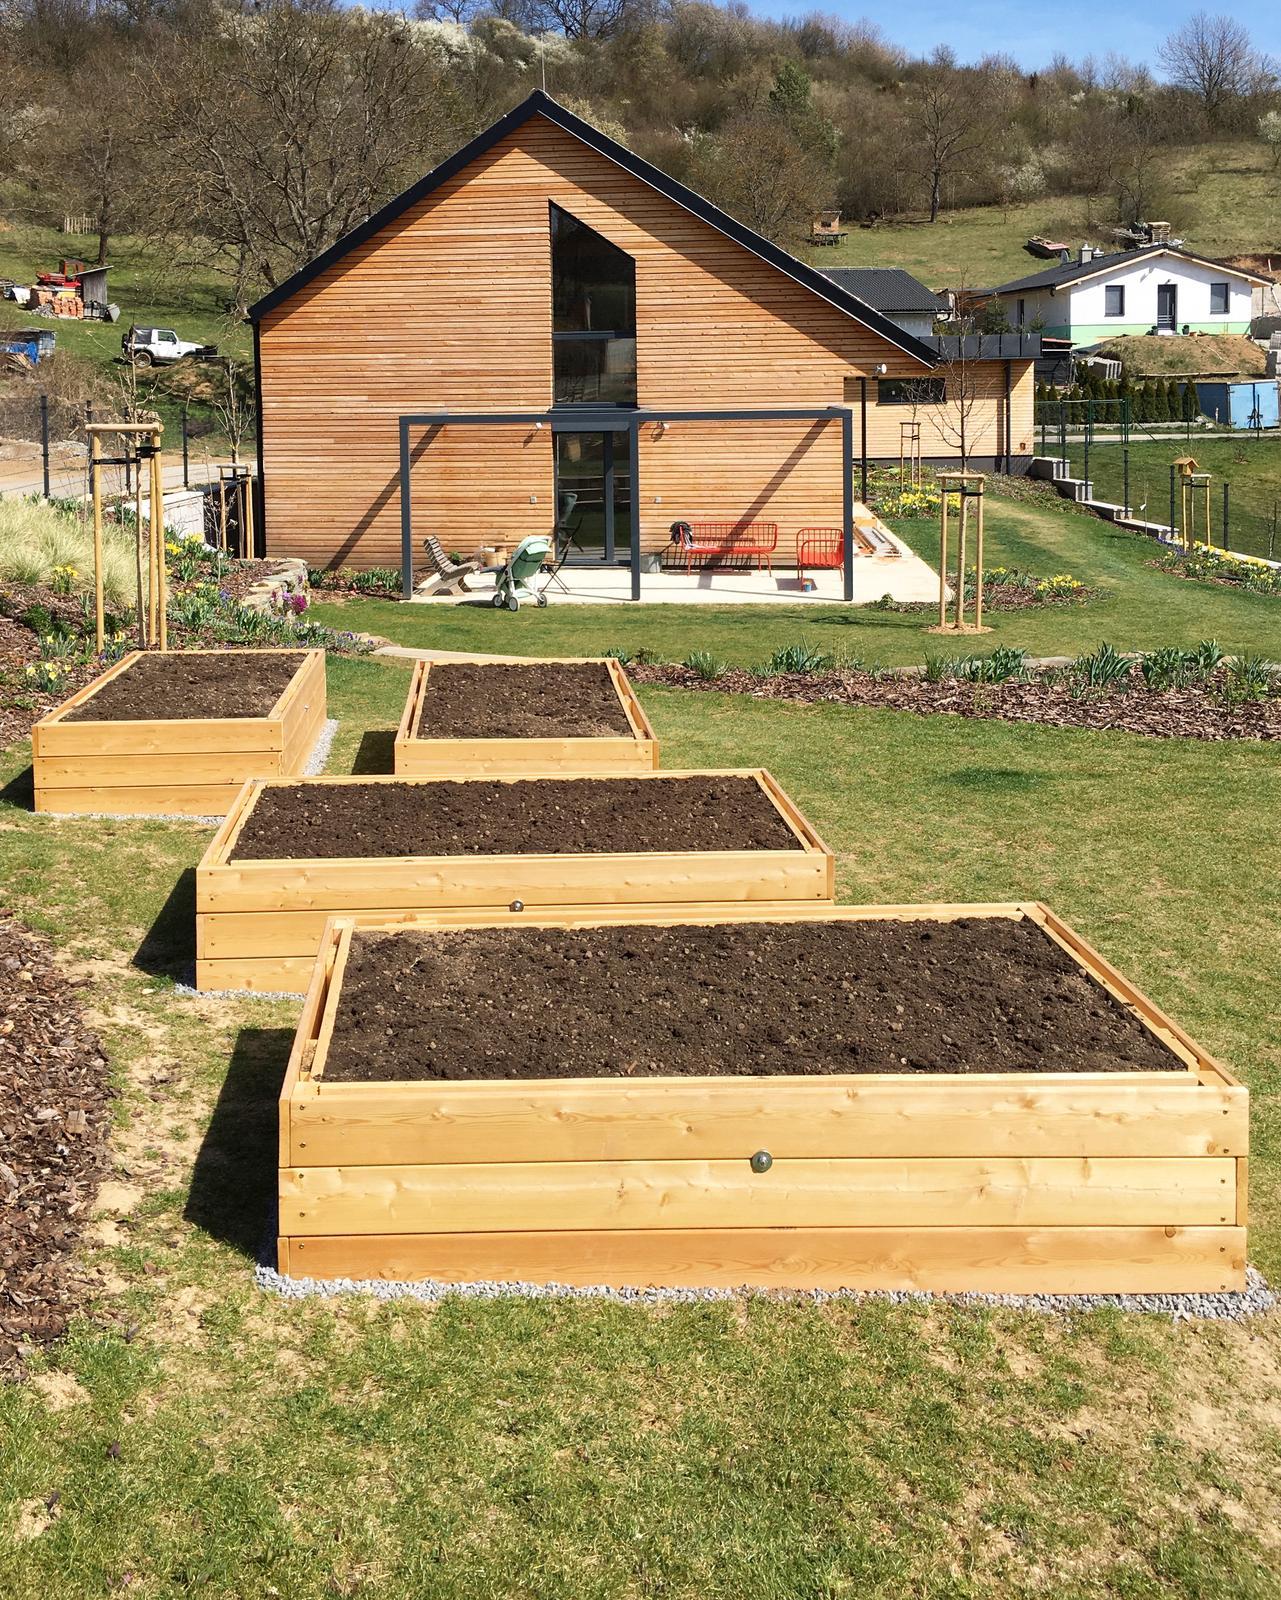 Záhrada v starom sade - Včera sme konečne dokončili záhony a zasadili zeleninku